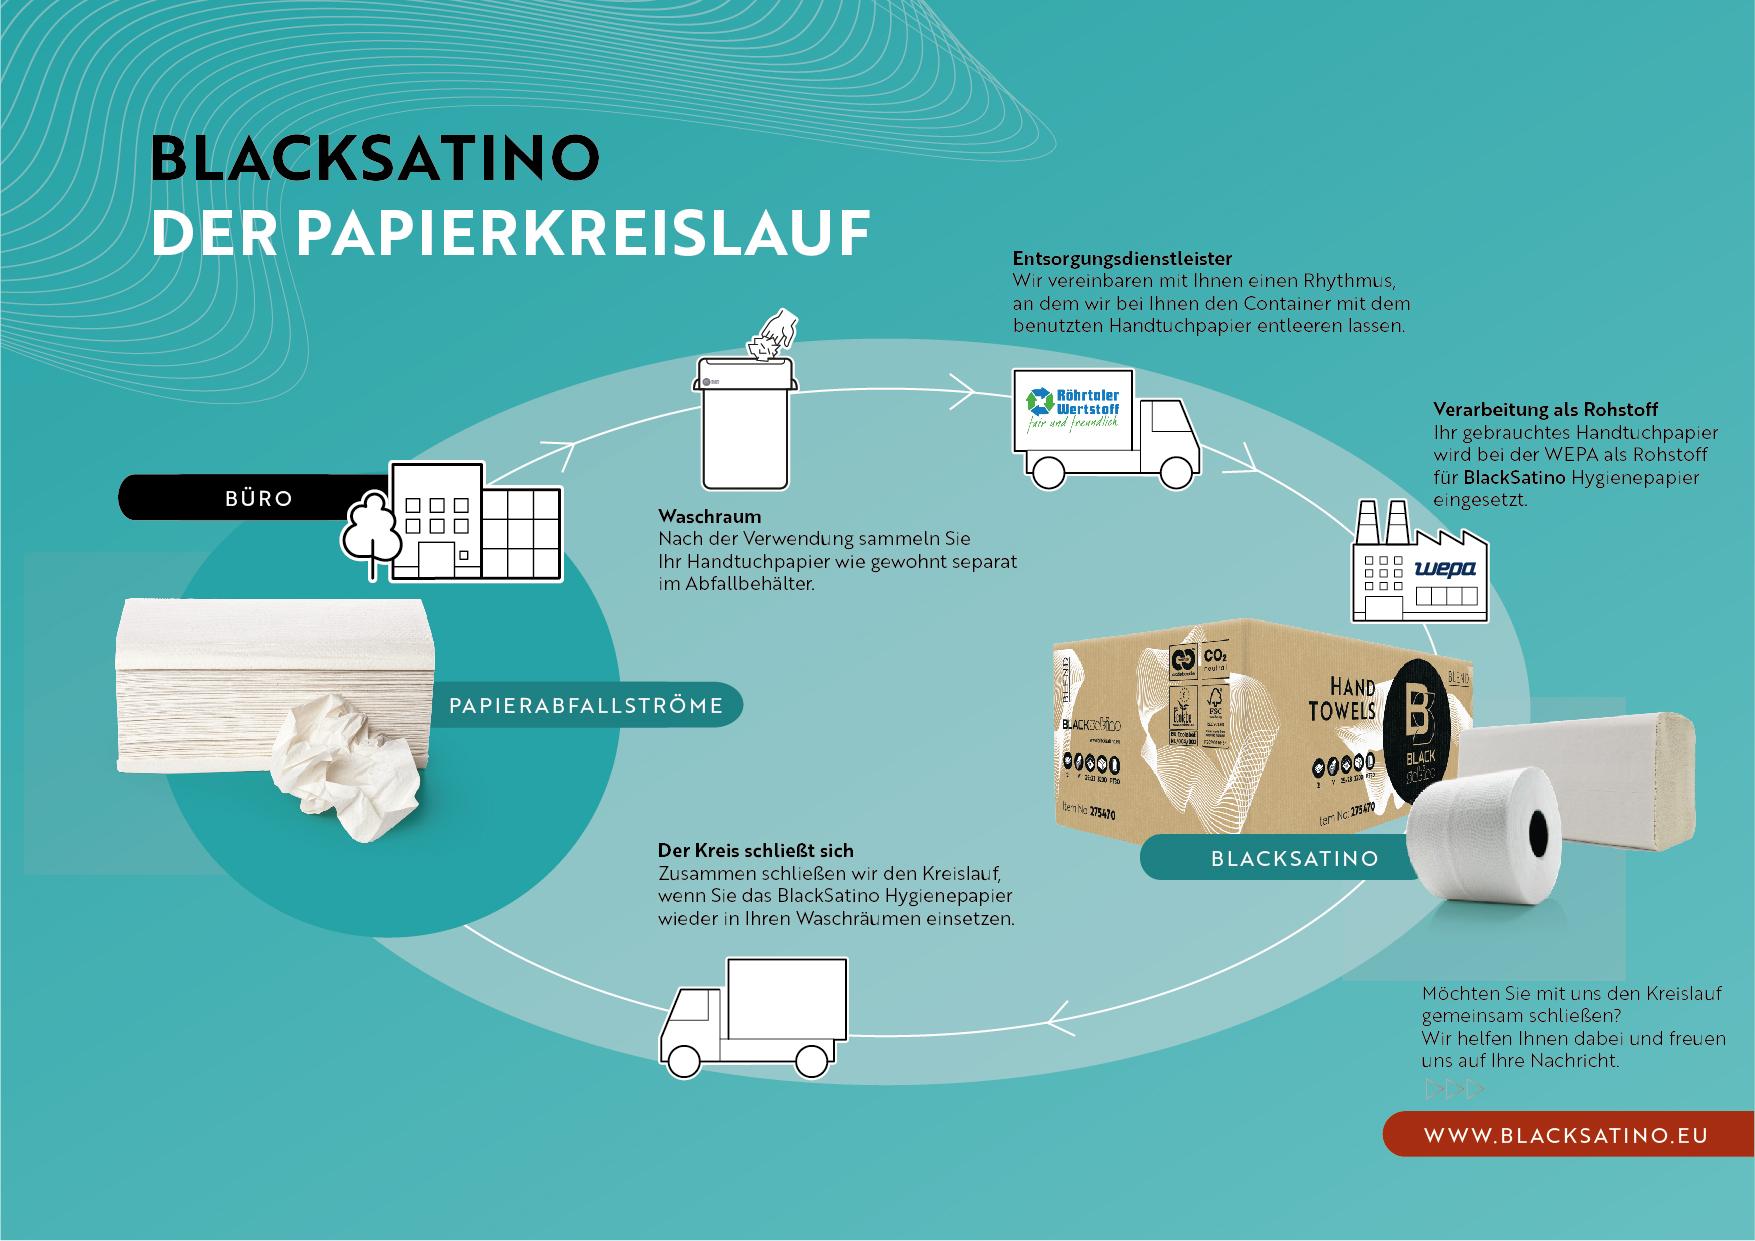 BlackSatino Infographic - Enkele kringloop_handdoekpapier_DU_web